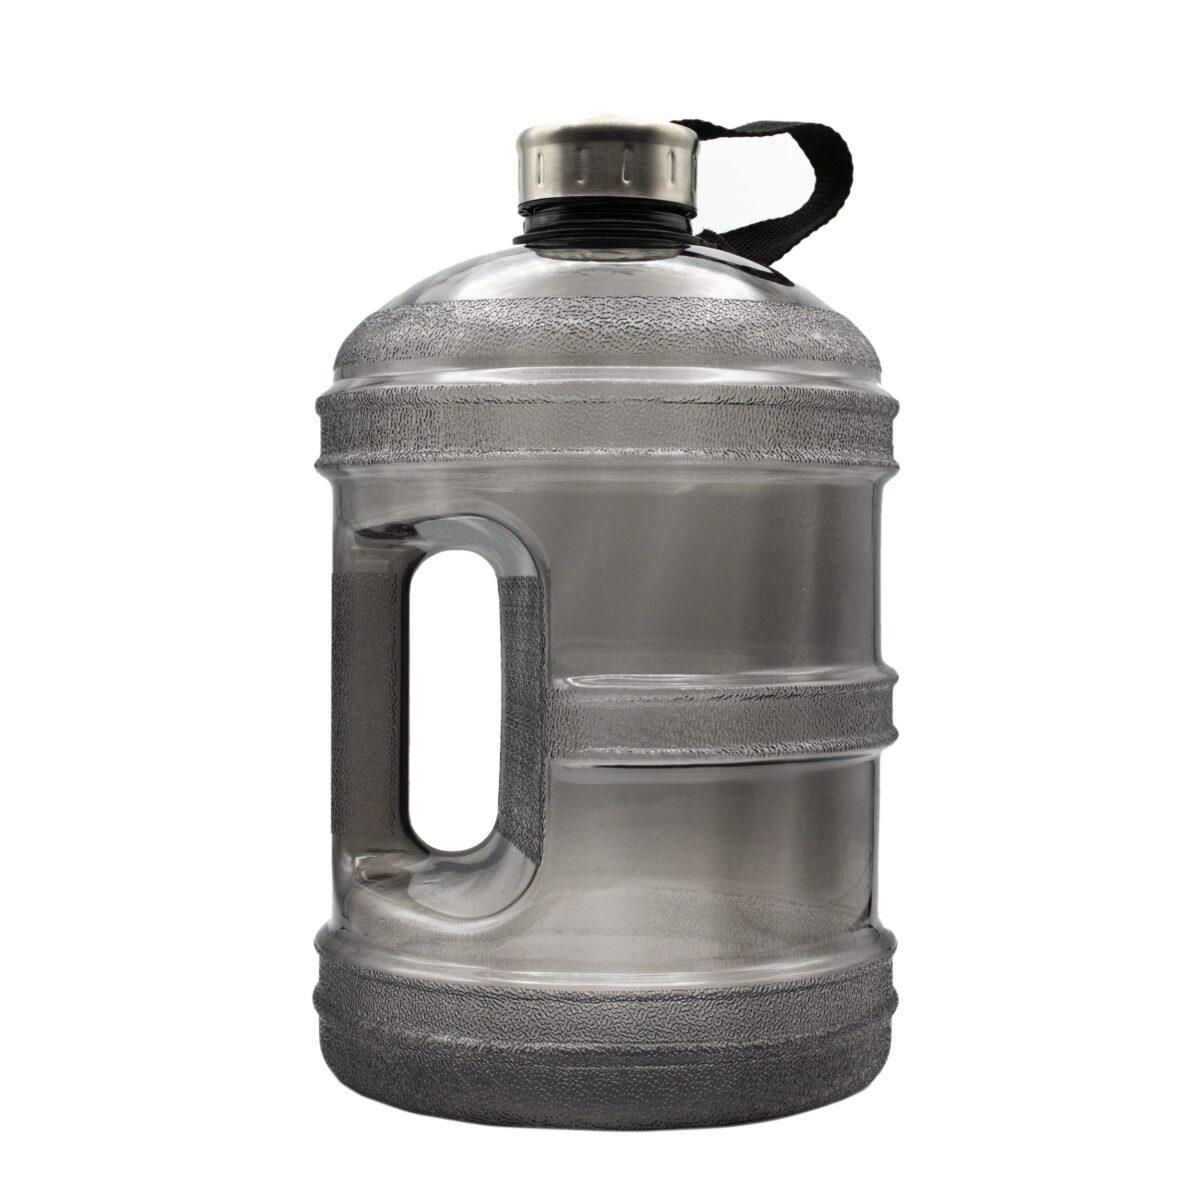 جاگ واتر NOCH شفاف ظرفیت ۳٫۷۸ لیتر